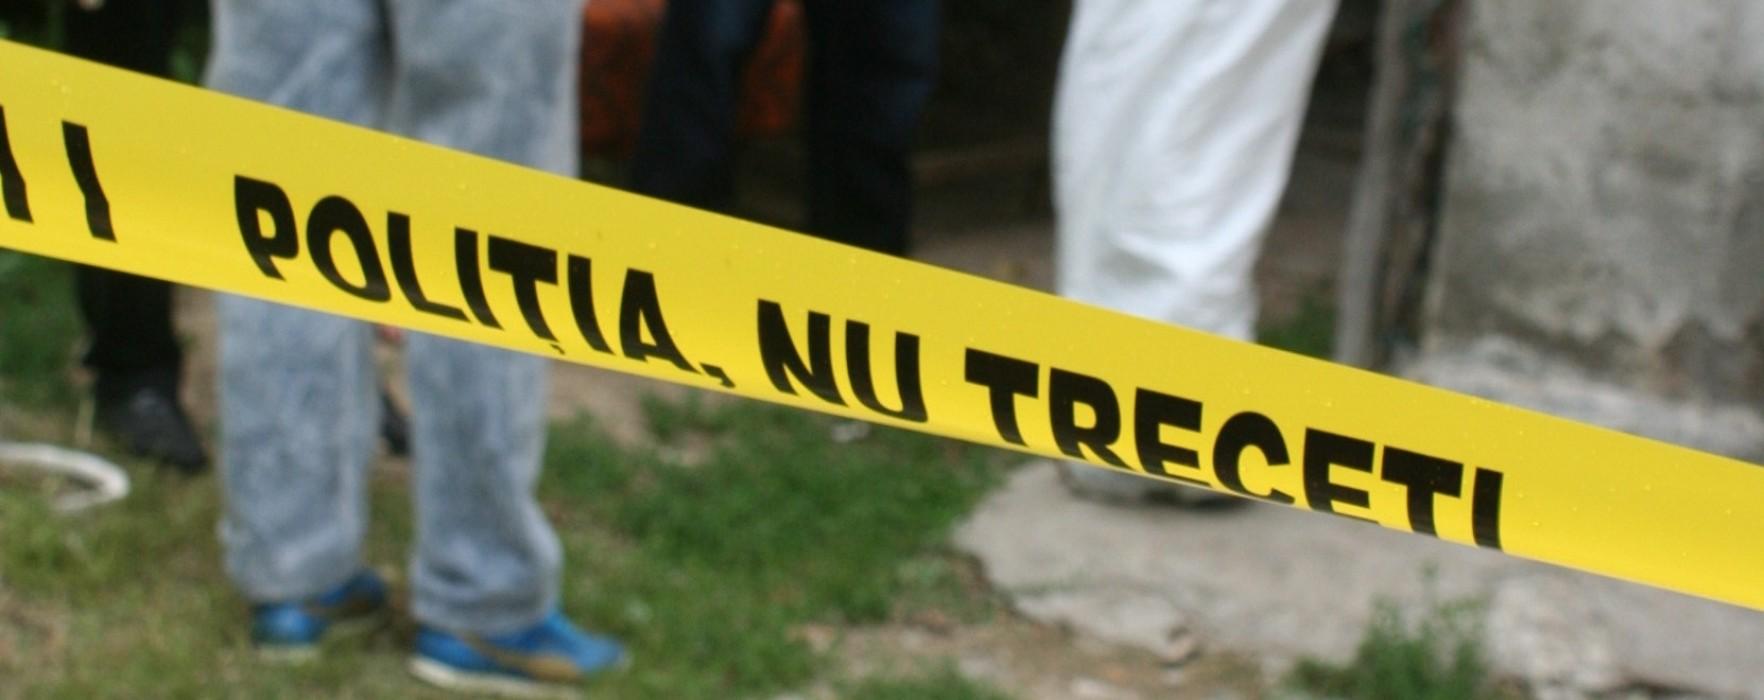 Dâmboviţa: Fata de 11 ani, găsită decedată; corpul prezintă urme de violenţă